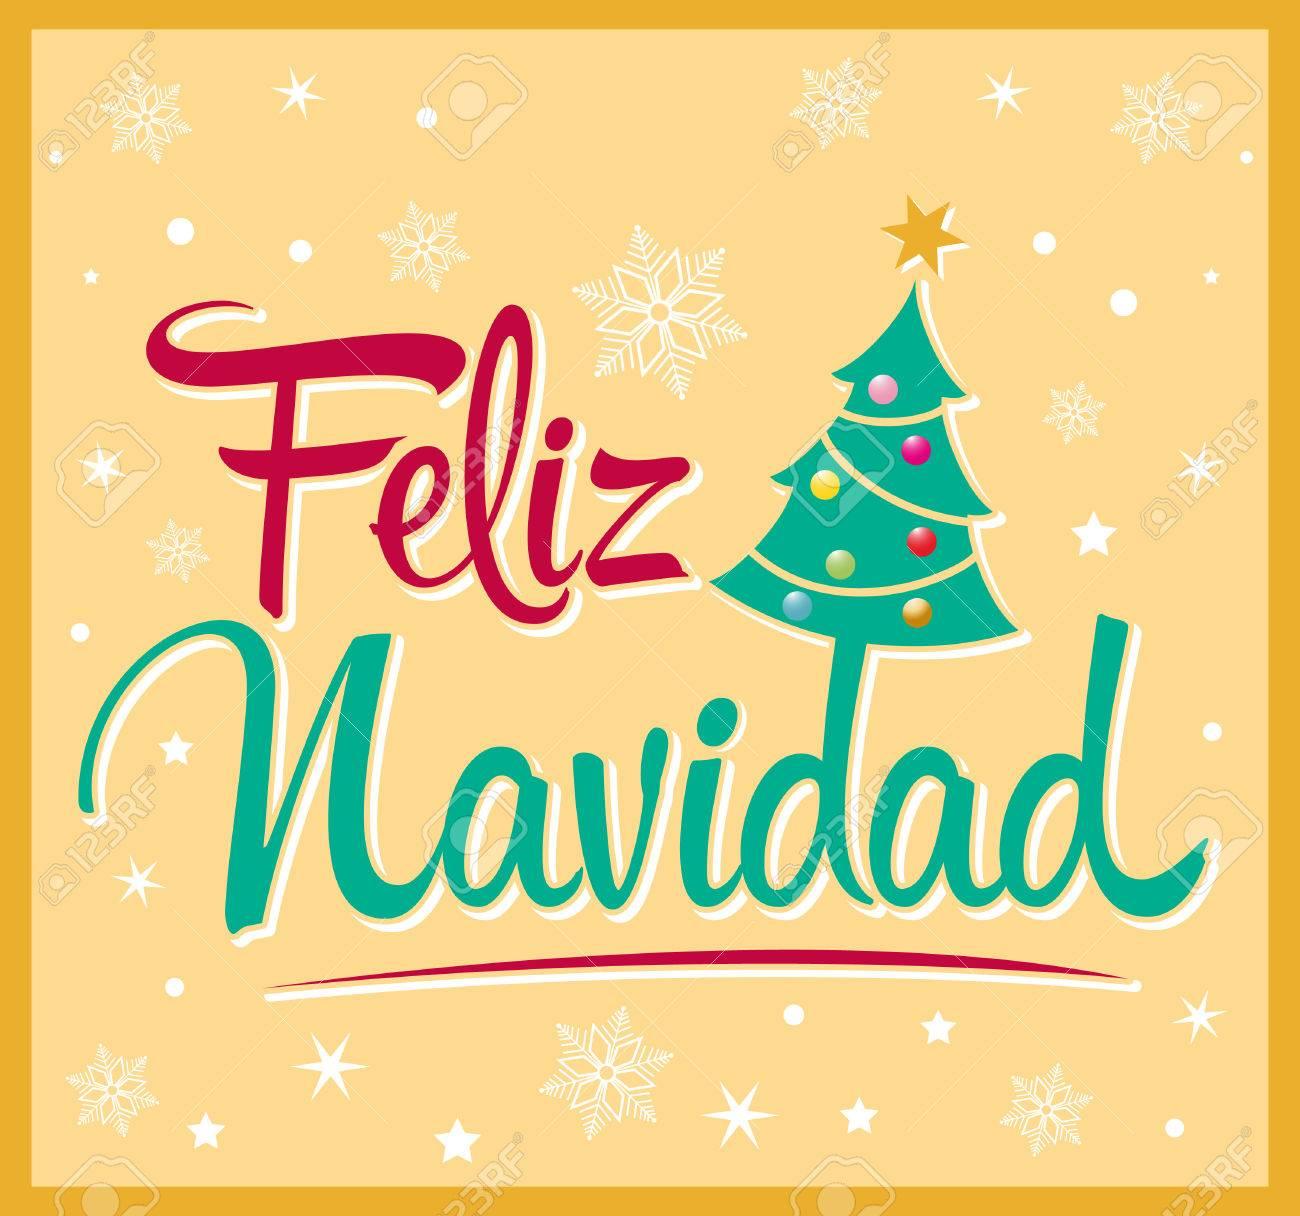 Felicitaciones De Navidad En Castellano.Feliz Navidad Feliz Navidad Texto Espanol Arbol De Navidad Del Vector